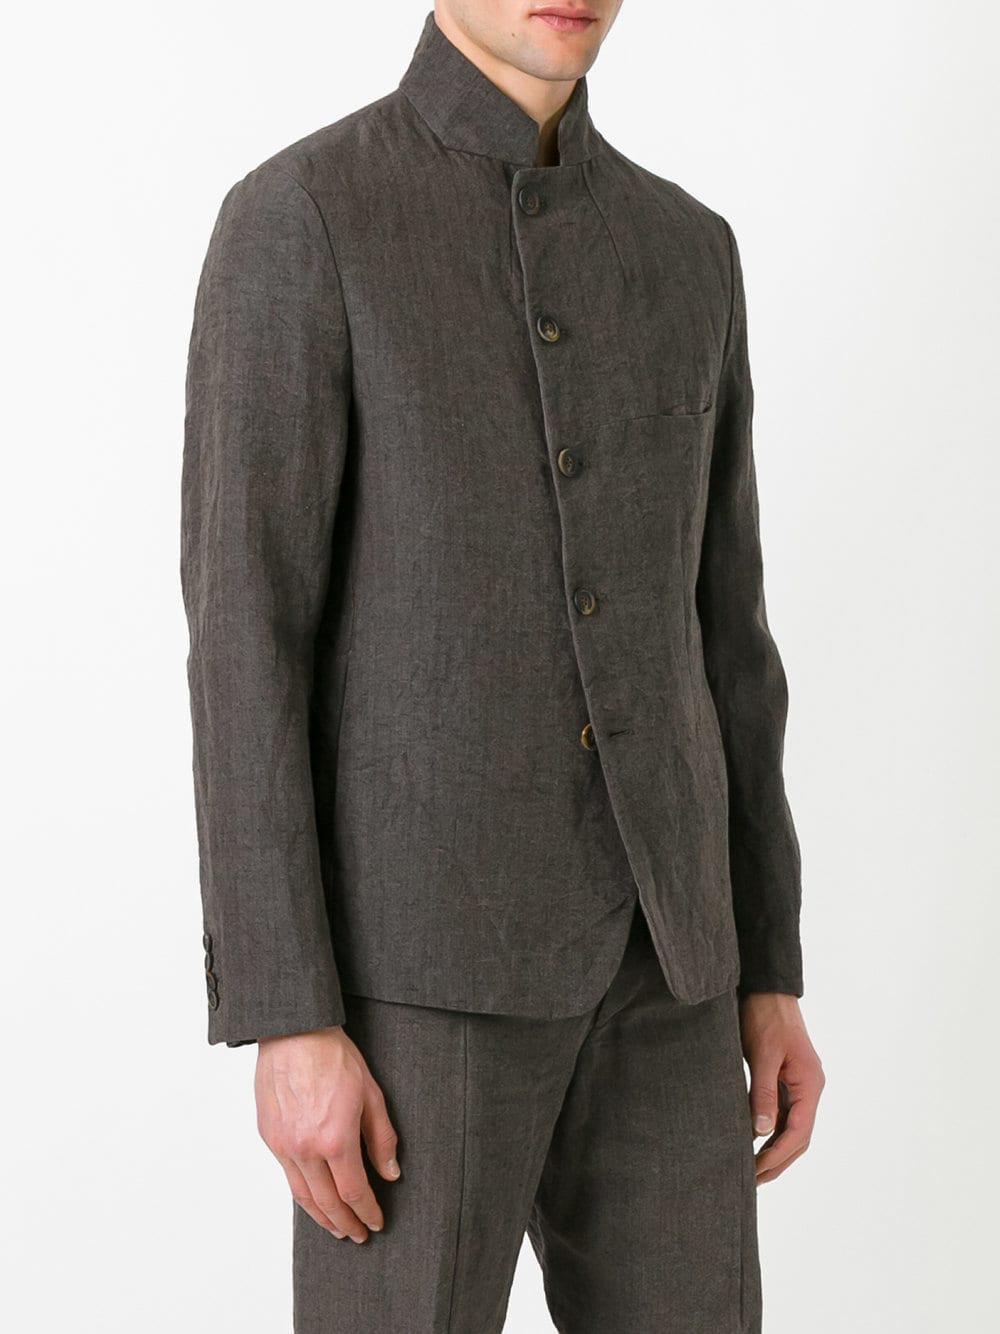 Forme D'expression Cotton Slashed Mess Jacket in Brown for Men